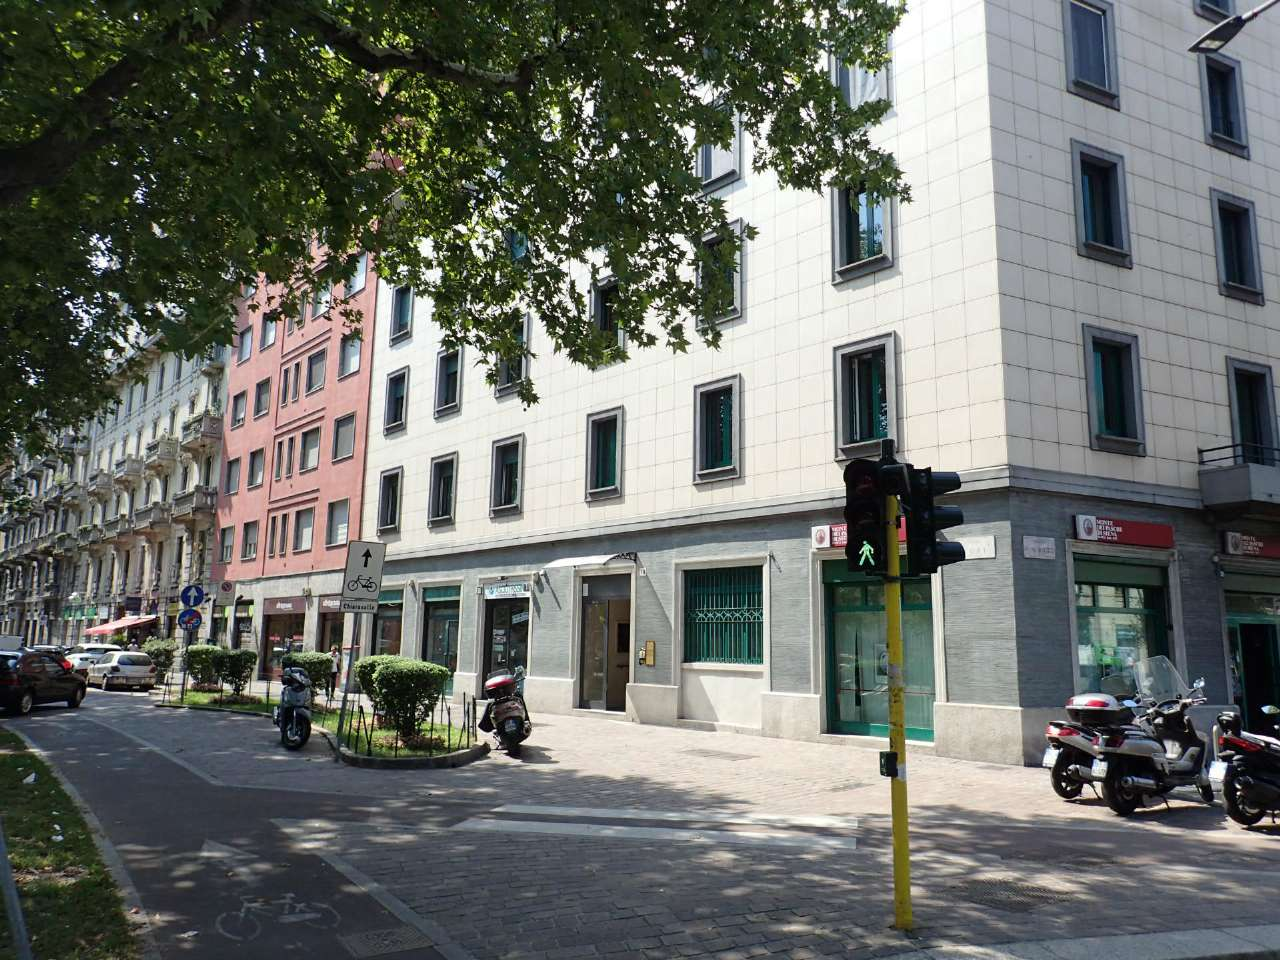 Negozio-locale in Affitto a Milano 06 Italia / Porta Romana / Bocconi / Lodi: 5 locali, 390 mq